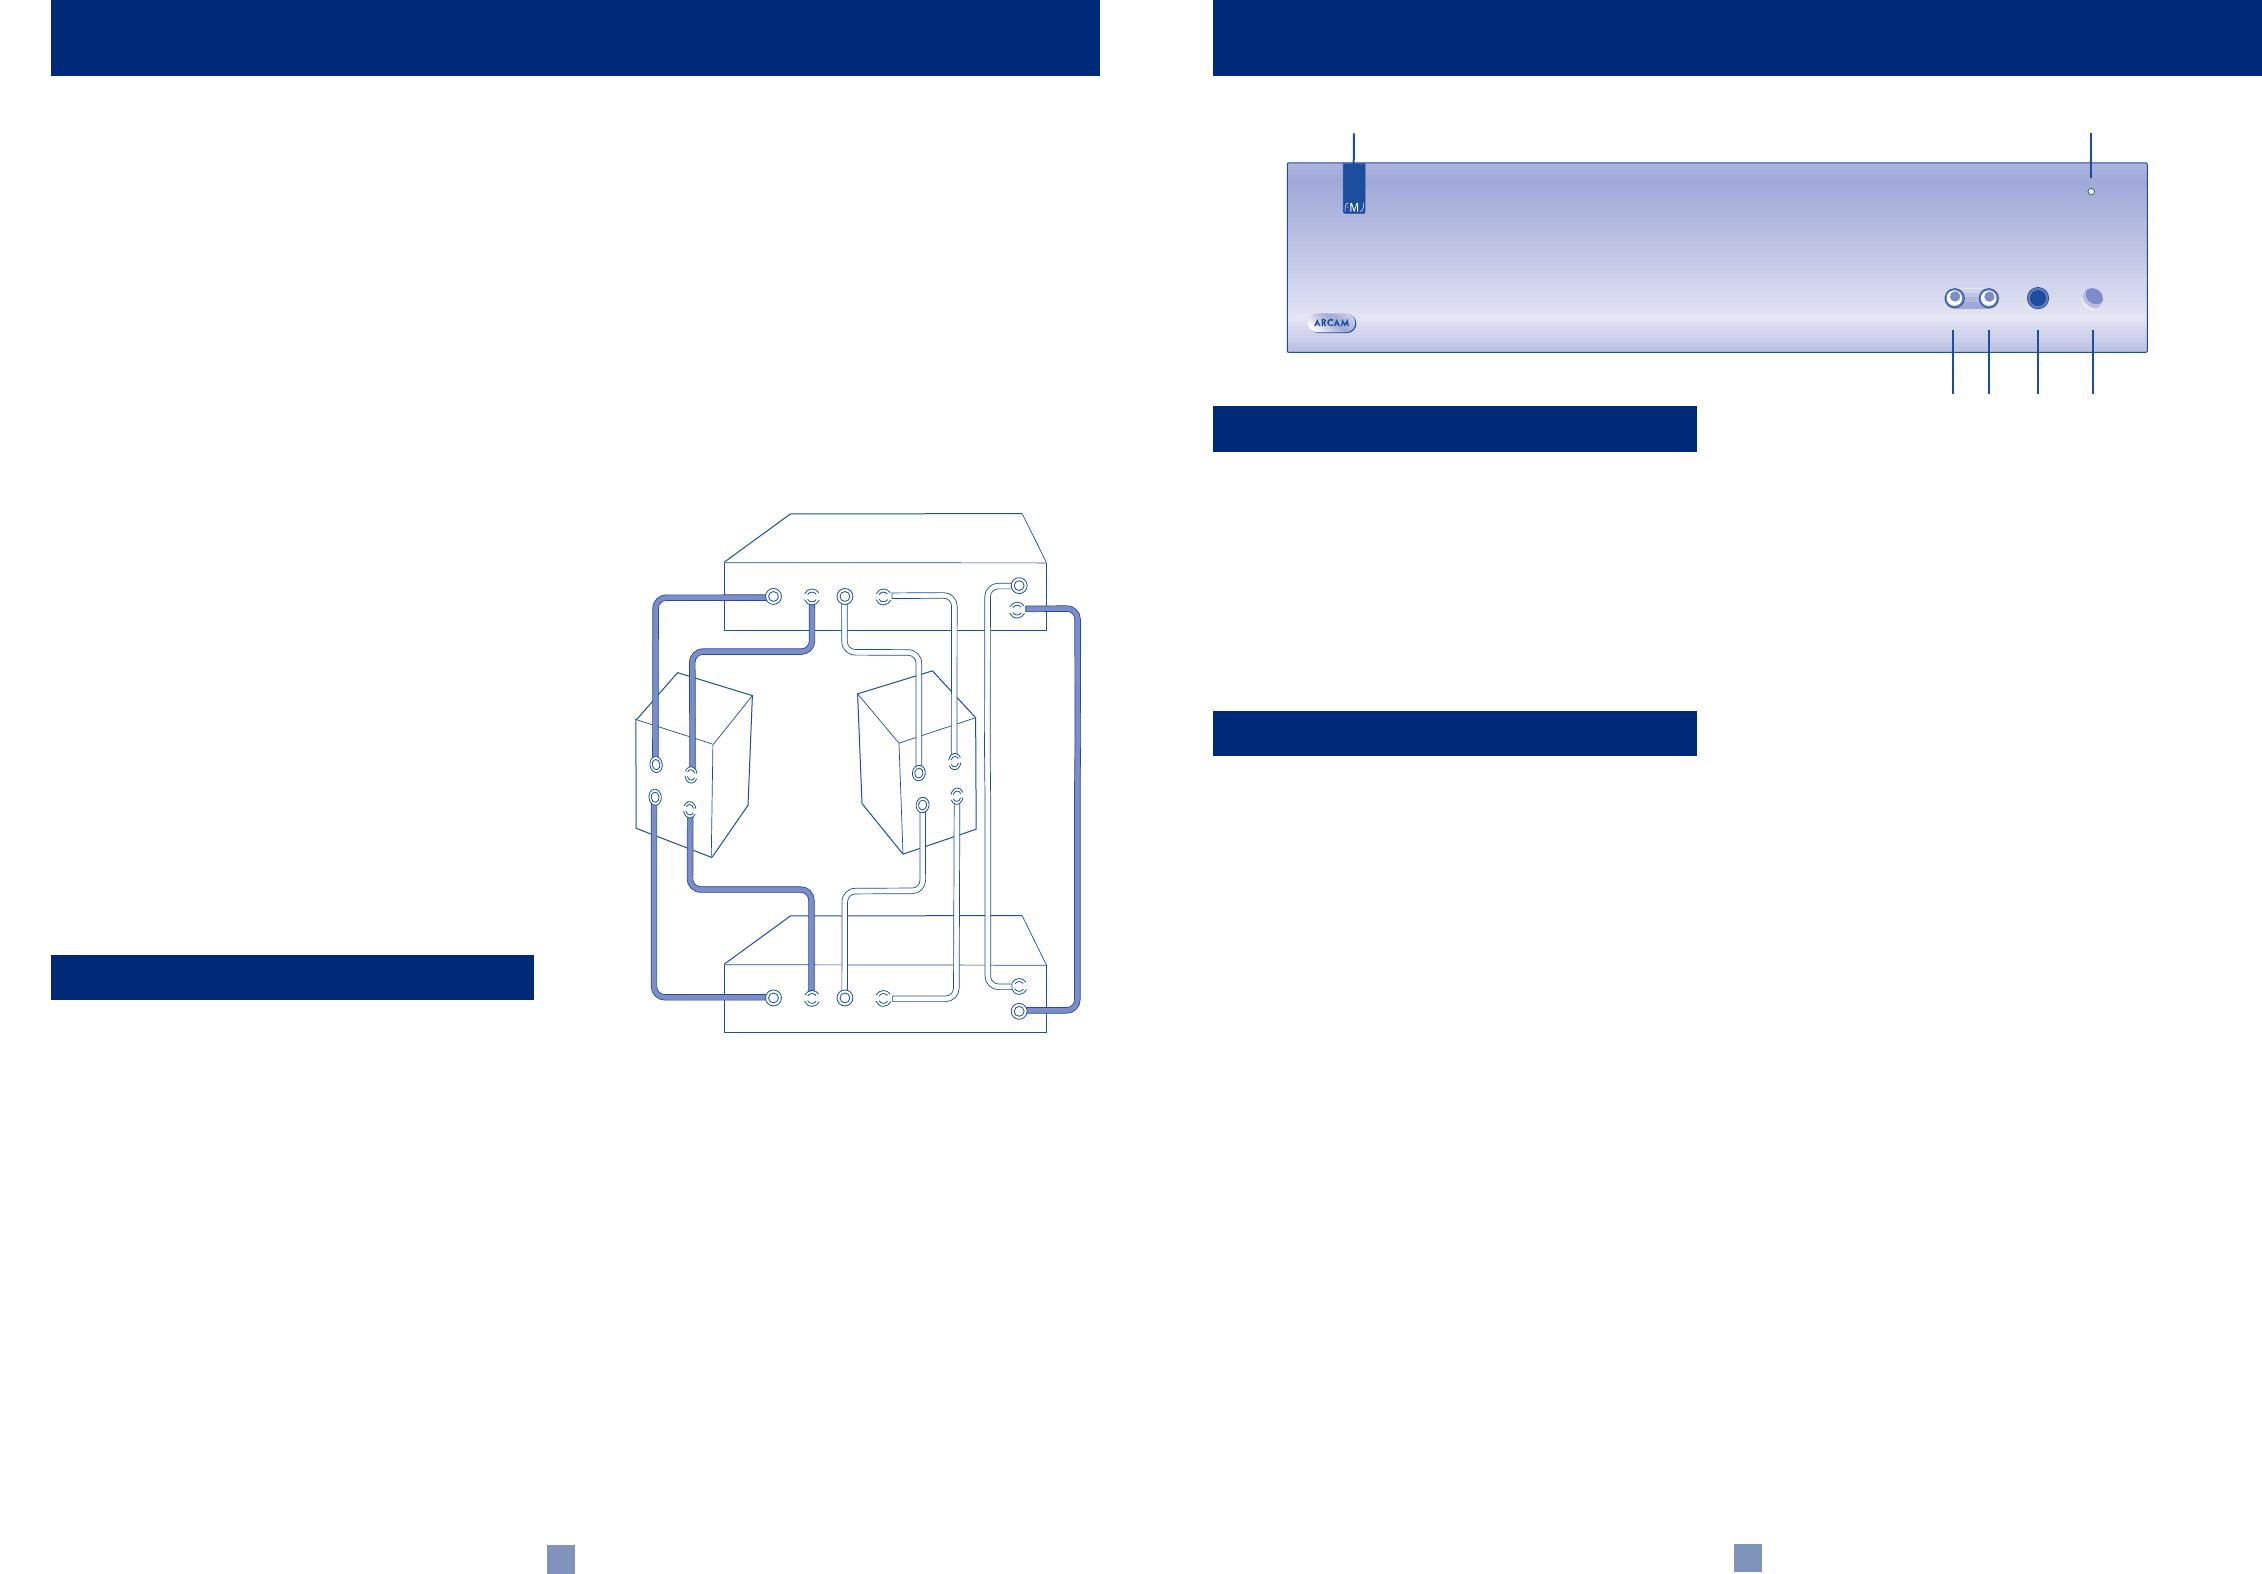 wrg 3813] p25 wiring diagramp25 wiring diagram